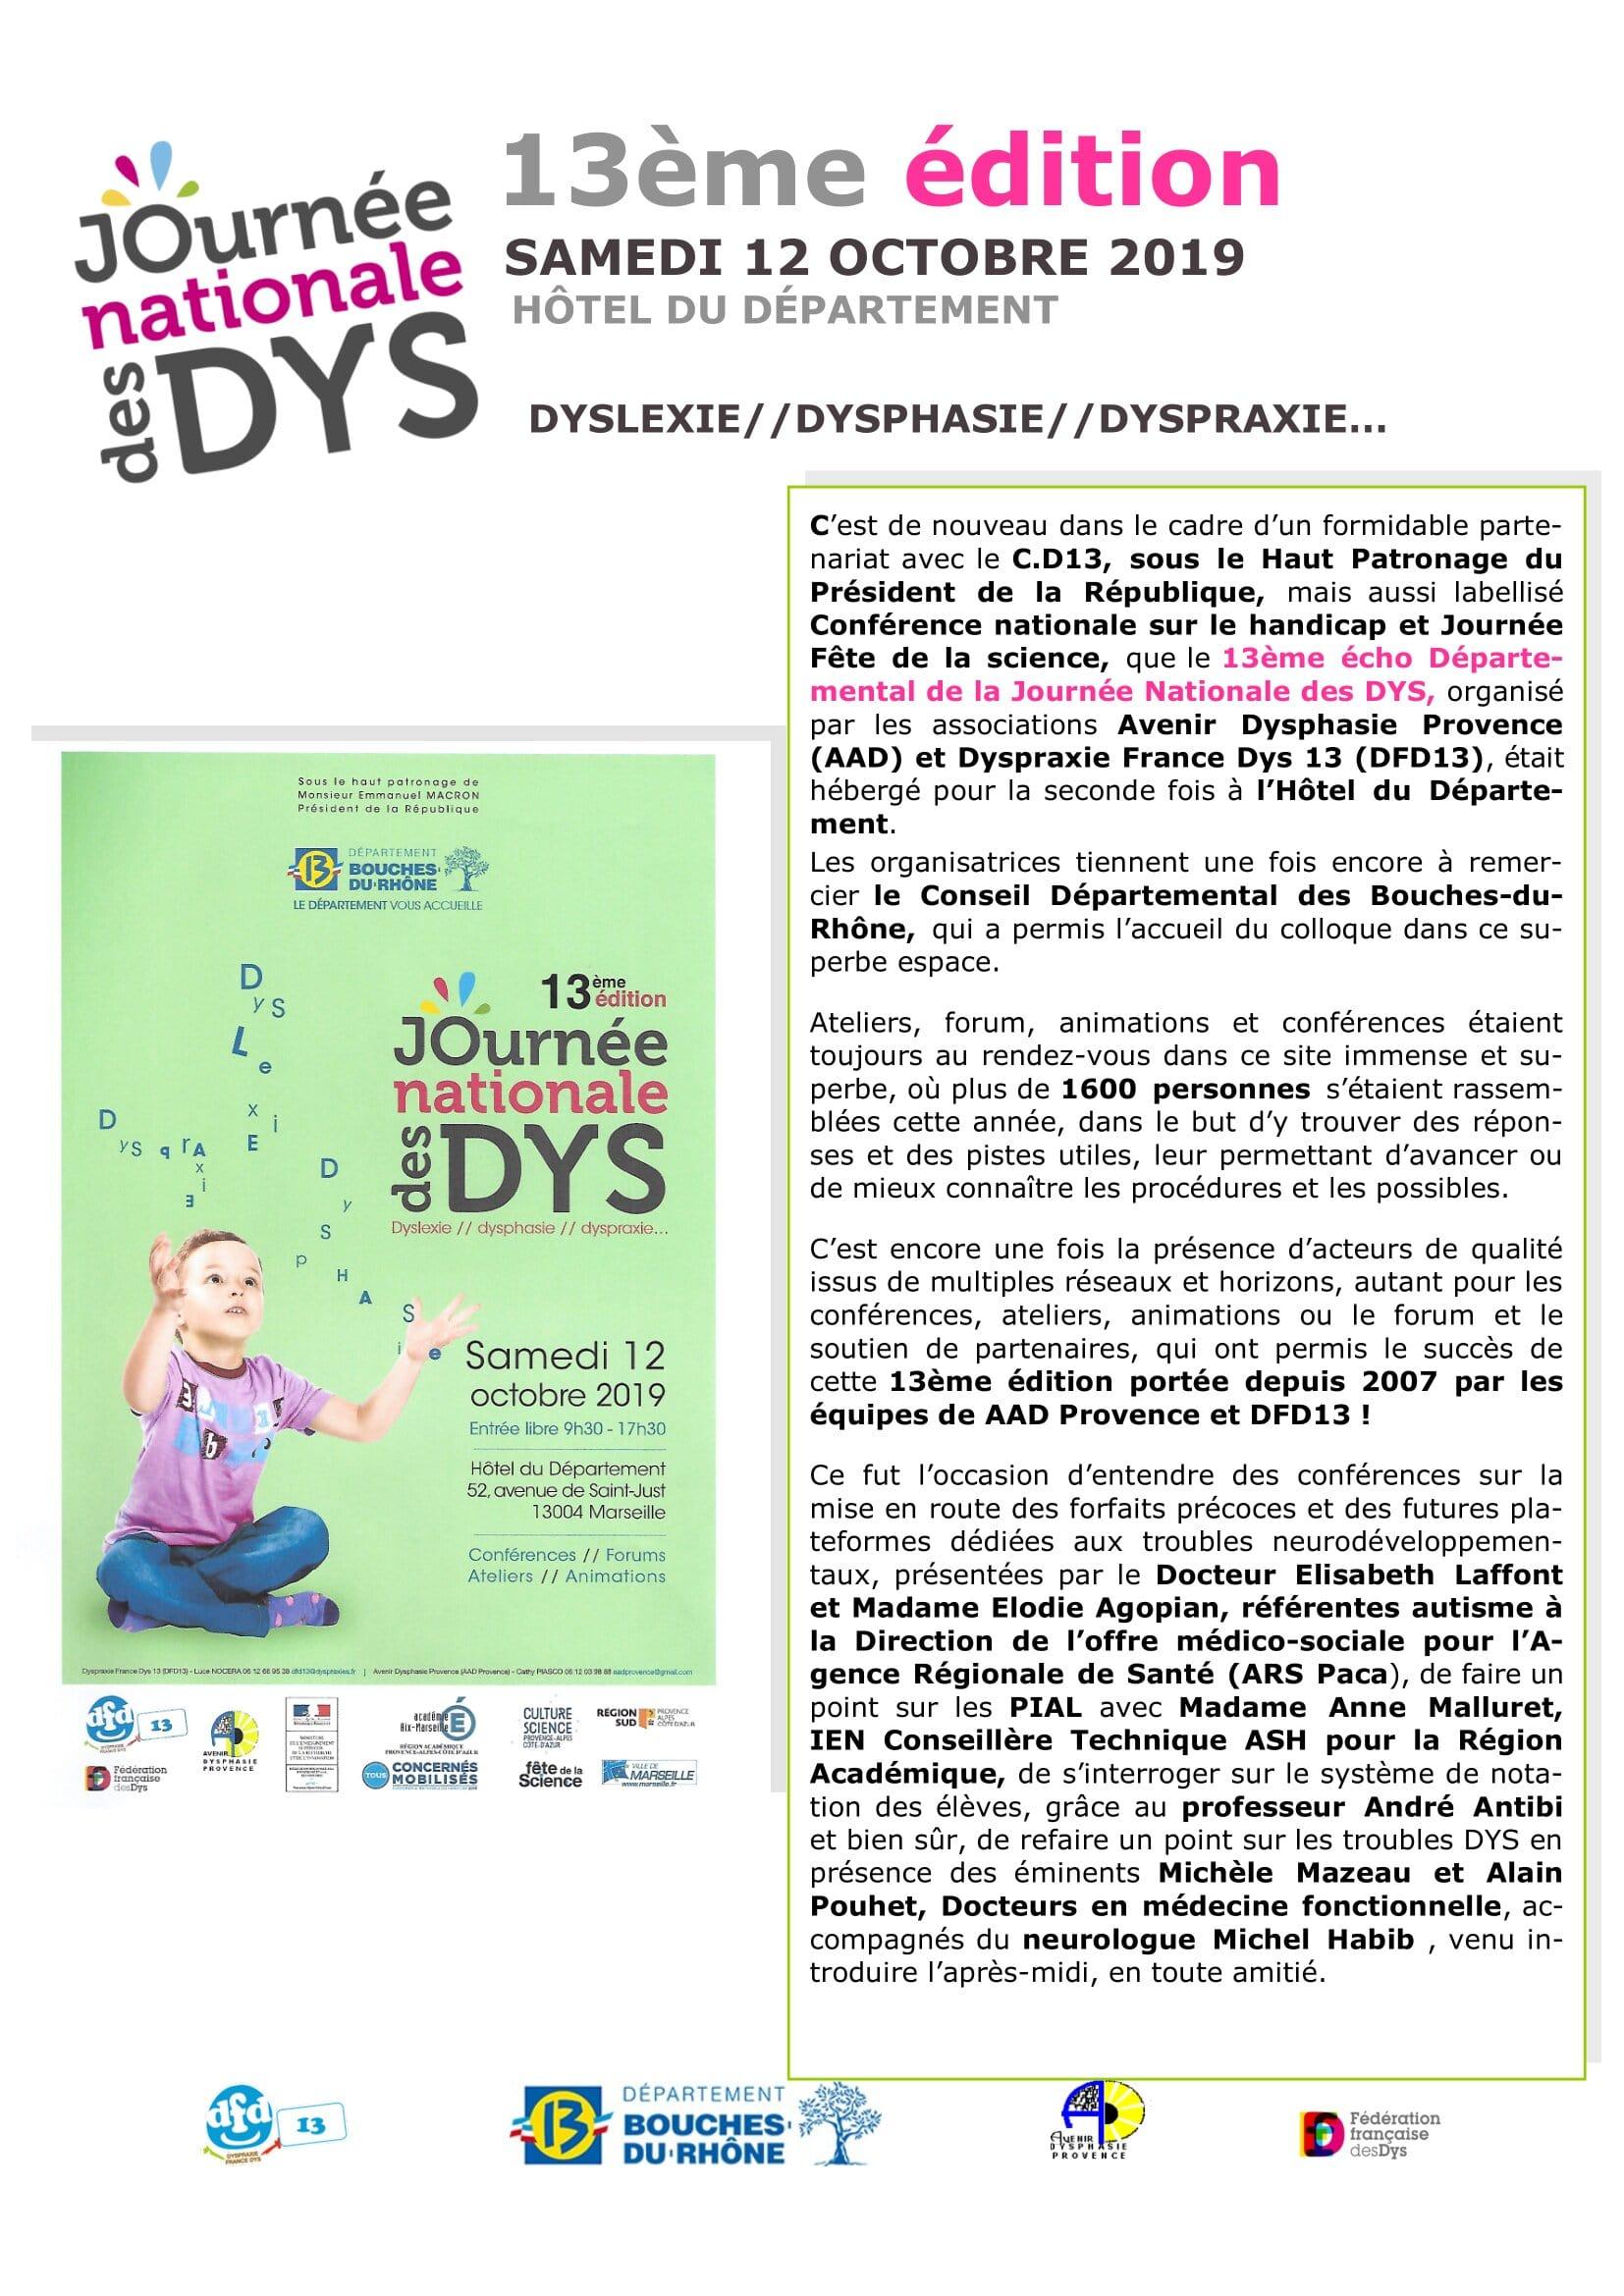 DFD 13 : Infos Journée DYS et retours 2019